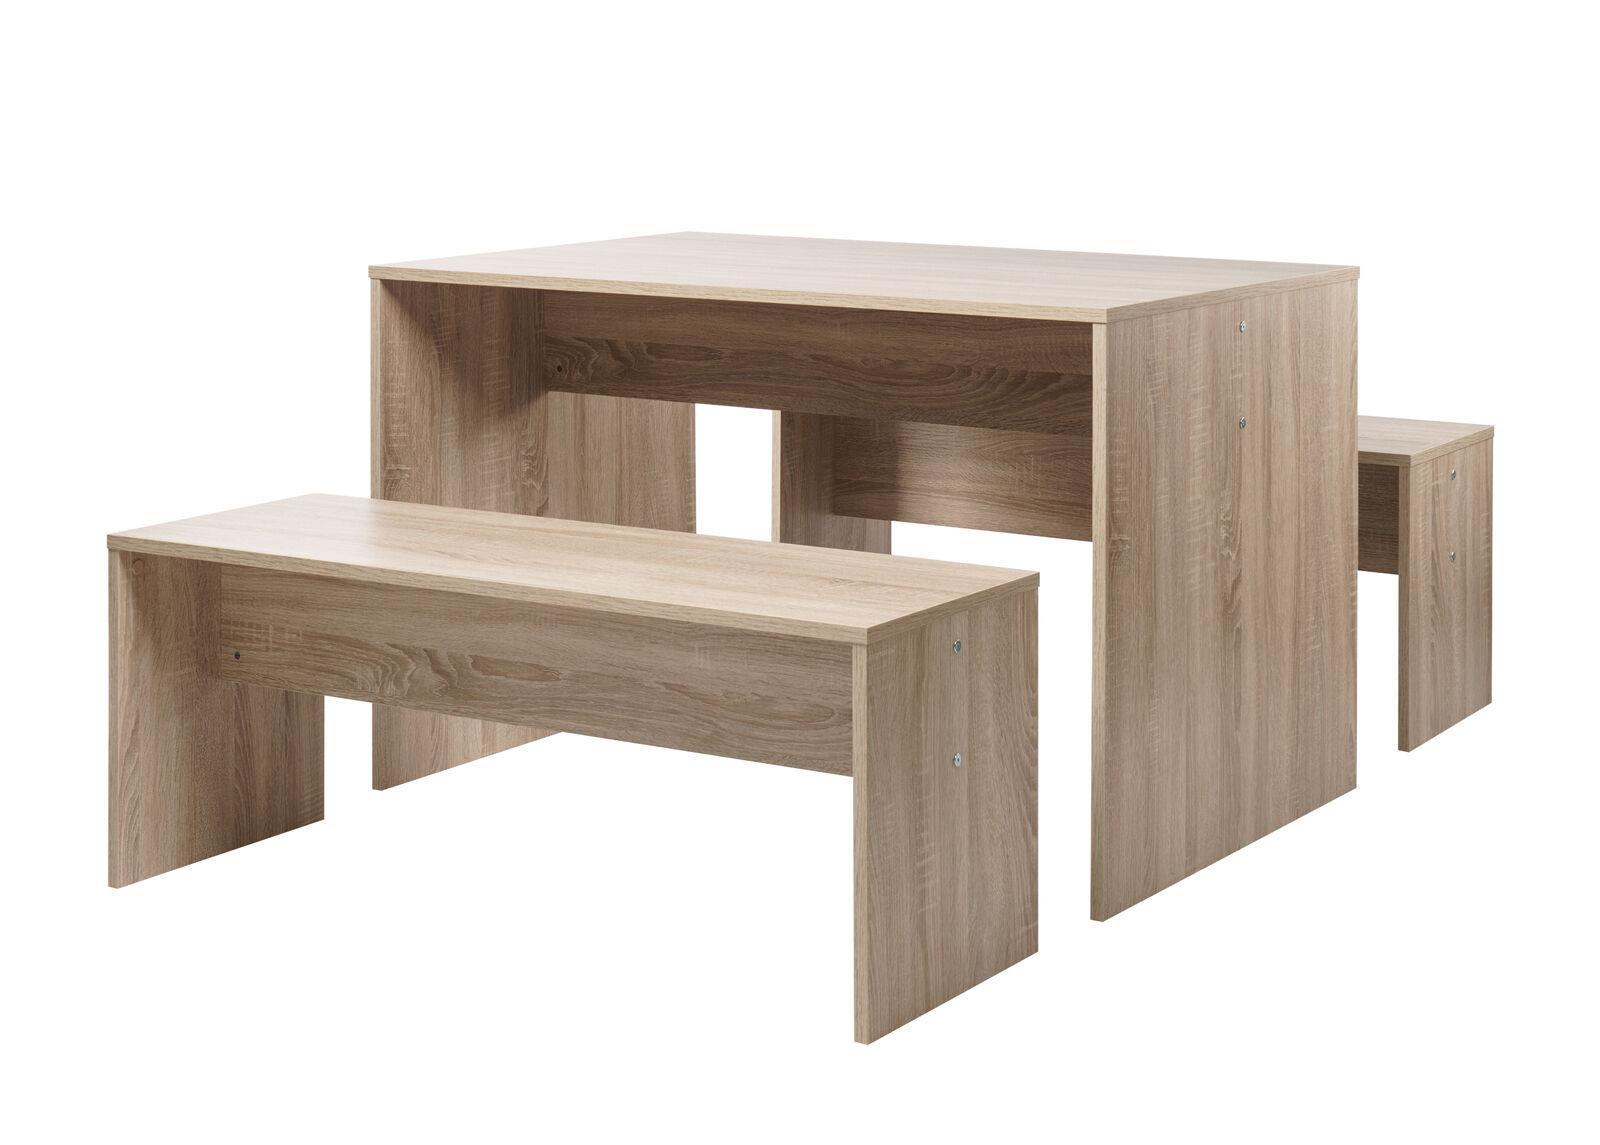 FINORI Ruokapöytä Berlin 118x78 cm + 2 penkkiä